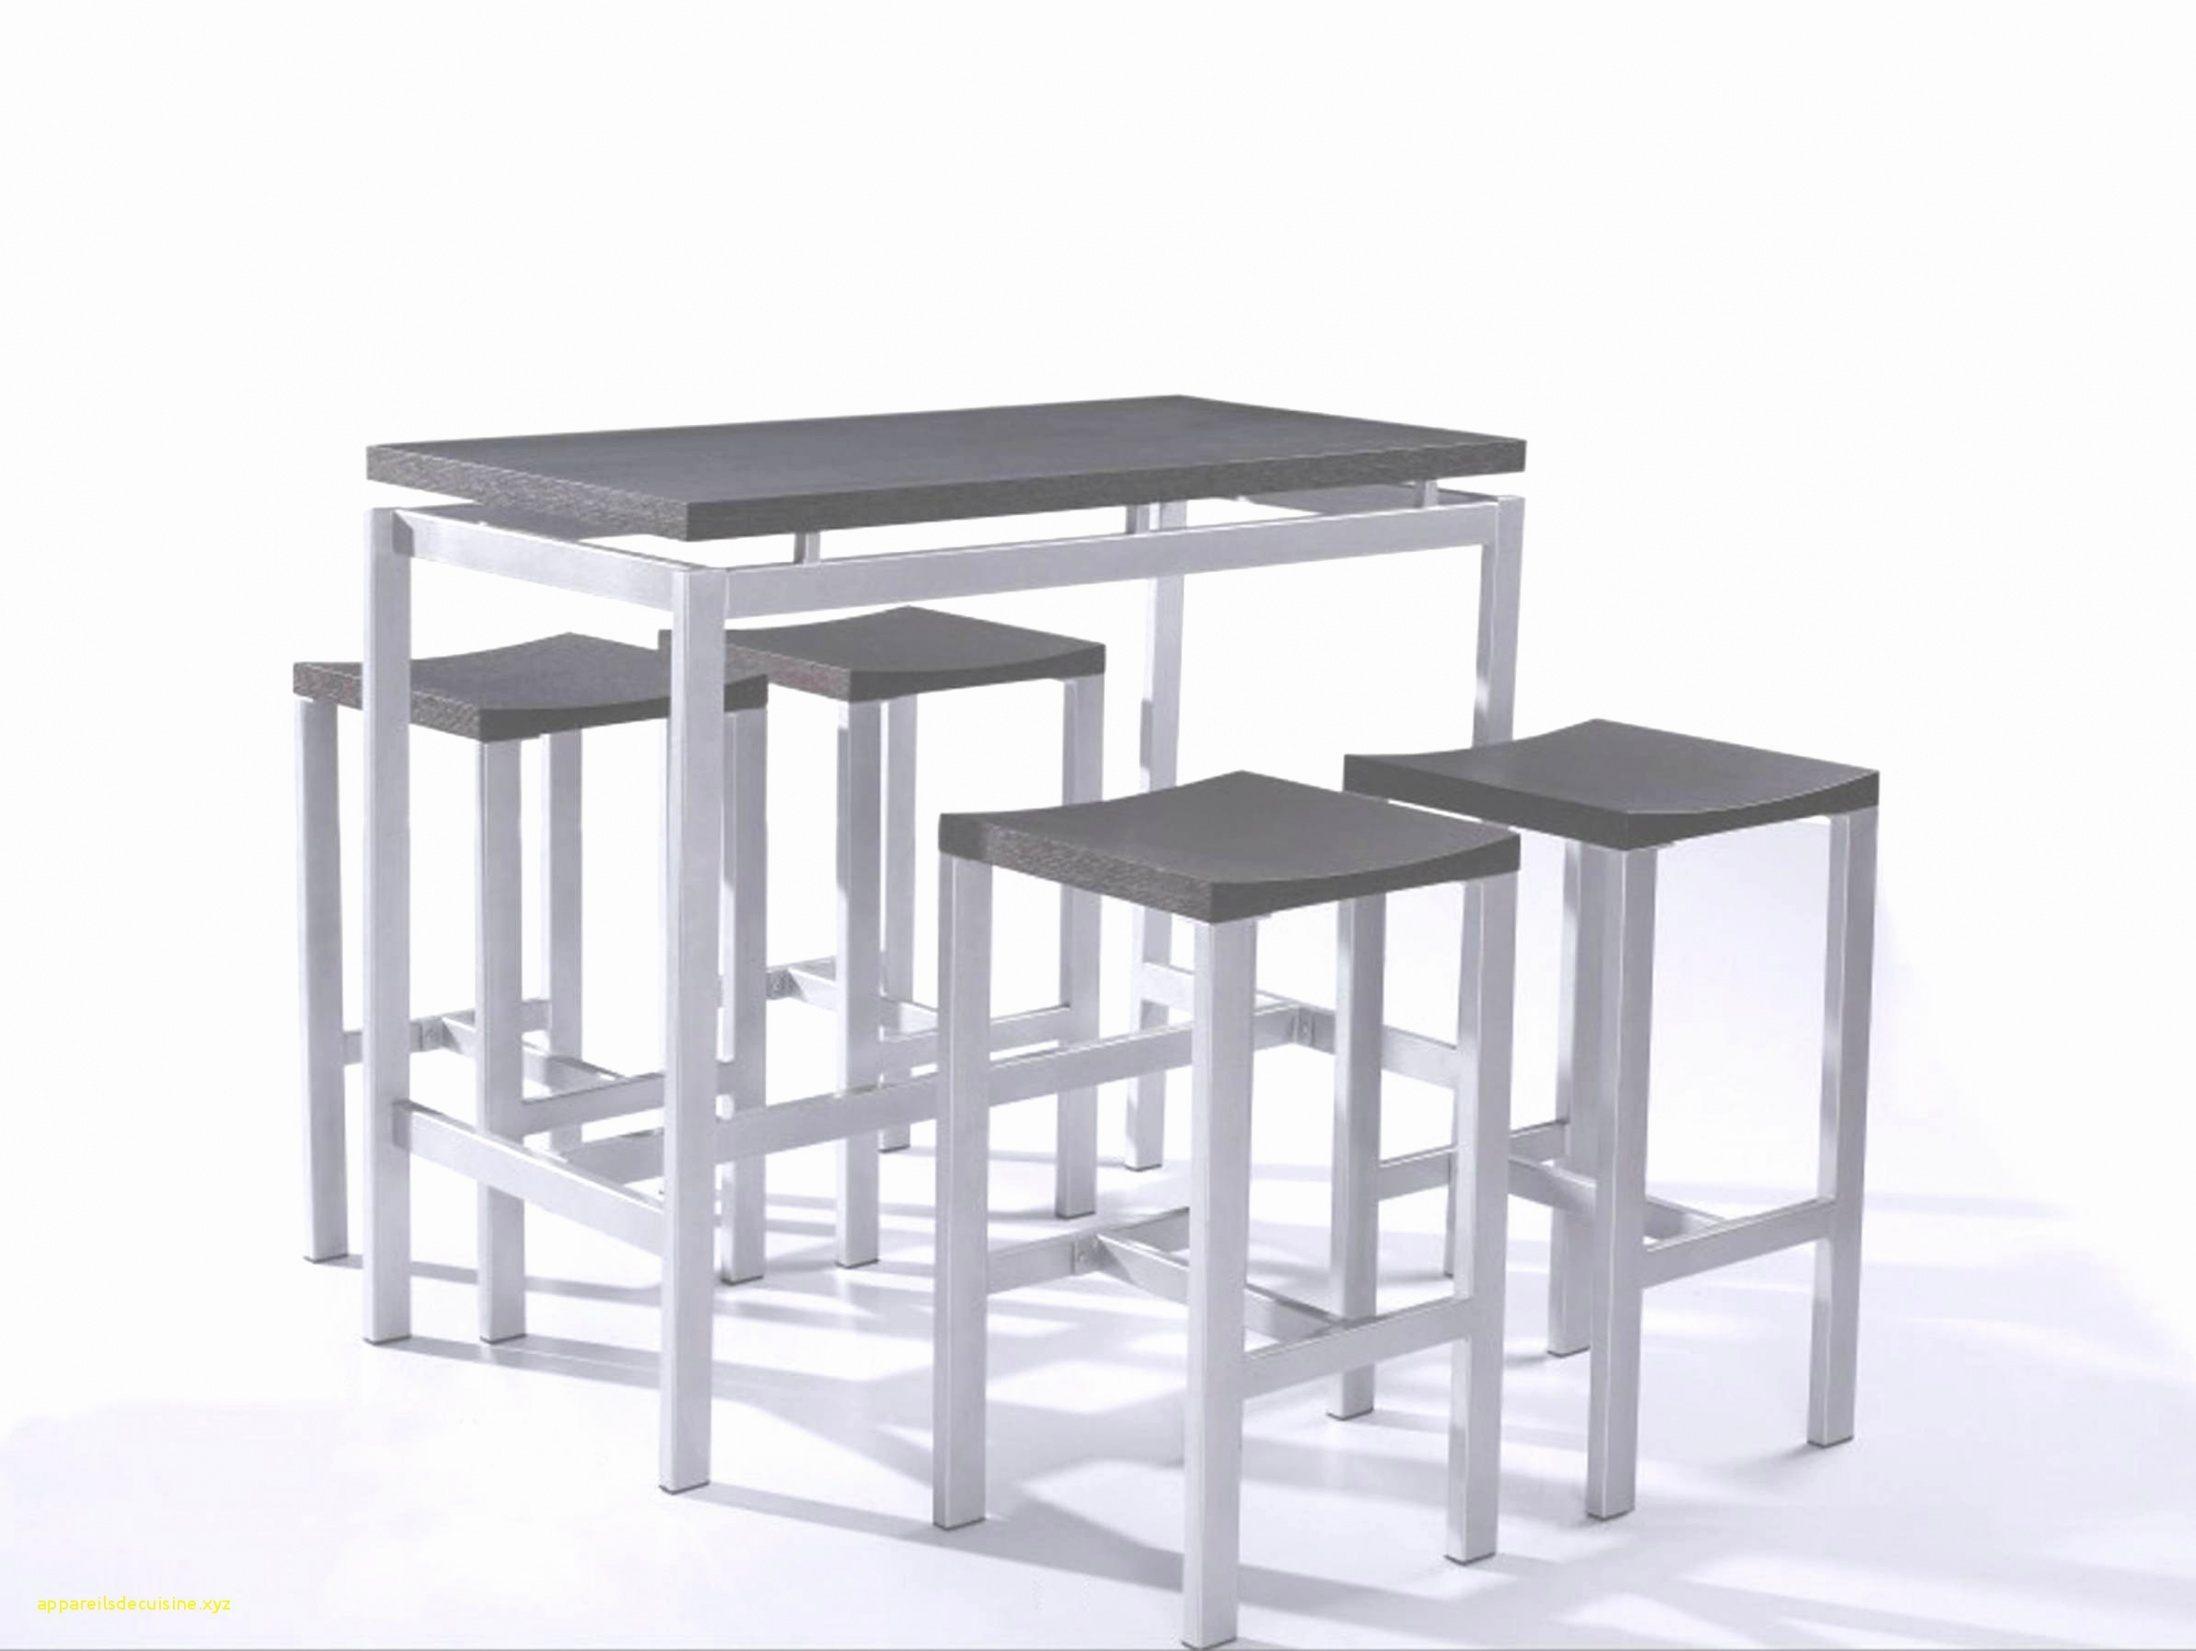 Lit Mezzanine Metal Luxe Table Bois Brut Elegant Table Bois 0d Archives – thesche Concept De